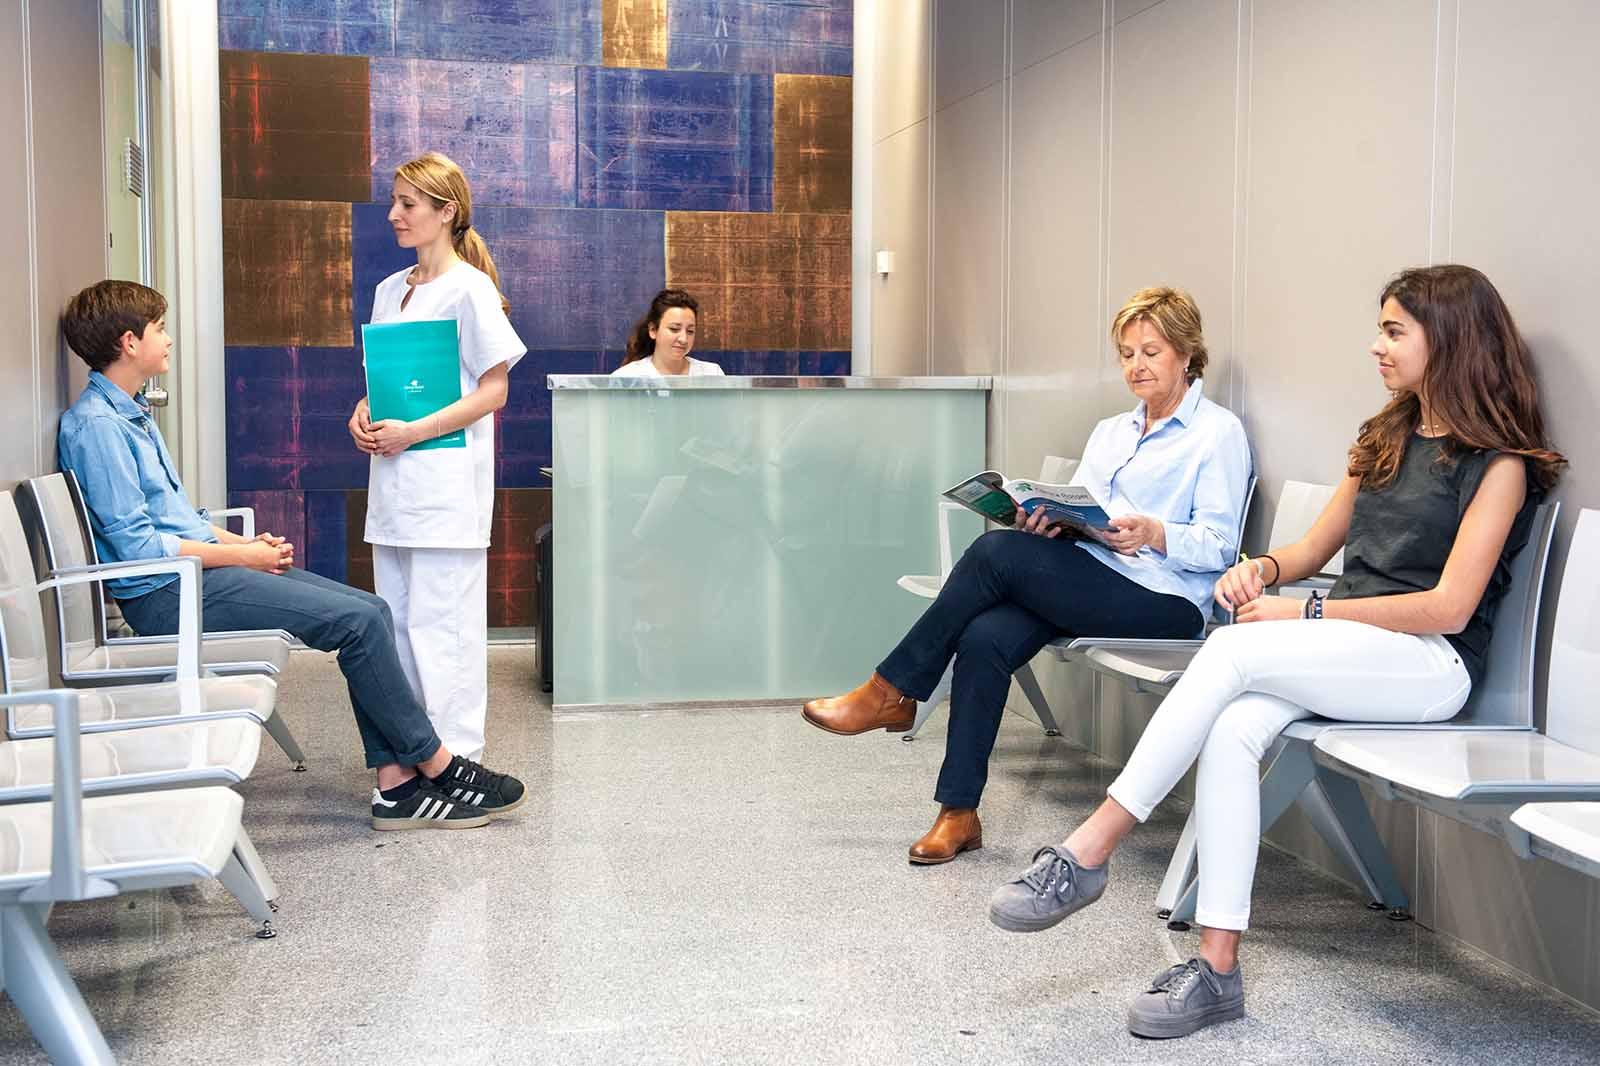 Análisis-Clínicos-Sala-de-Espera-Clínica-Rotger-Hospital-Mallorca